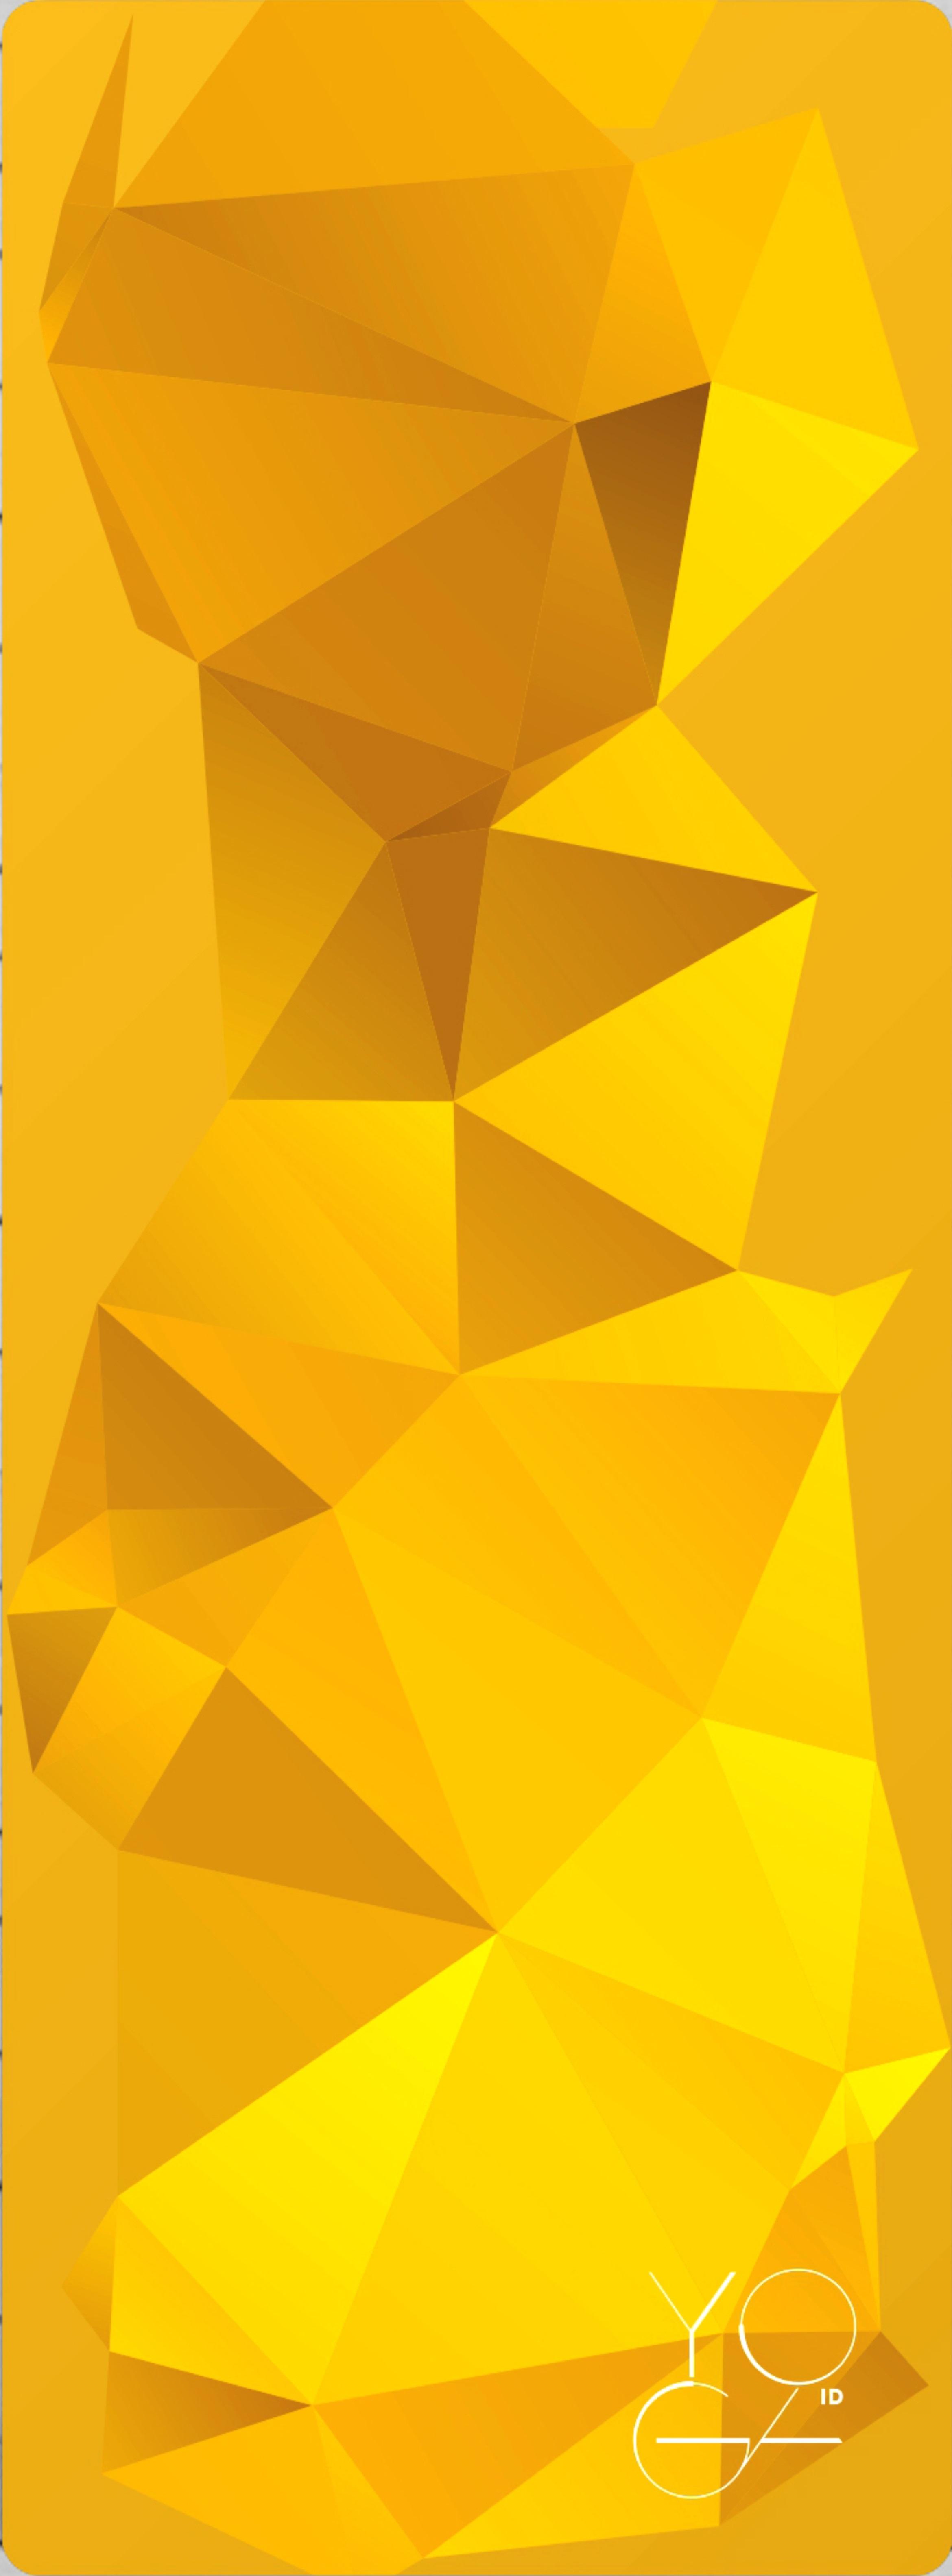 Коврик для йоги Yoga ID Africa , цвет: золотистый, 173 х 61 х 0,3 см0014Дизайнерский коврик Yoga ID- идеальный коврик для динамических практик, совмещающий в себе функции коврика и полотенца. Основание из натурального органического каучука обеспечивает надежную сцепку с любой поверхностью, а абсорбирующее покрытие microfiber предотвращает скольжение! И, в конце концов, это просто красиво! Характеристики: Размер: 1730 x 610 мм. Толщина: 3 мм. Вес: 2,3 кг. Материал: натуральный каучук, покрытие microfiber. В комплект входит переноска для коврика. Рекомендации по использованию:-рекомендуется ручная стирка при температуре 30°С с деликатным моющим средством.Для еще лучшей стабилизации в определенных асанах рекомендуется смачивать ладони водой перед началом практики.